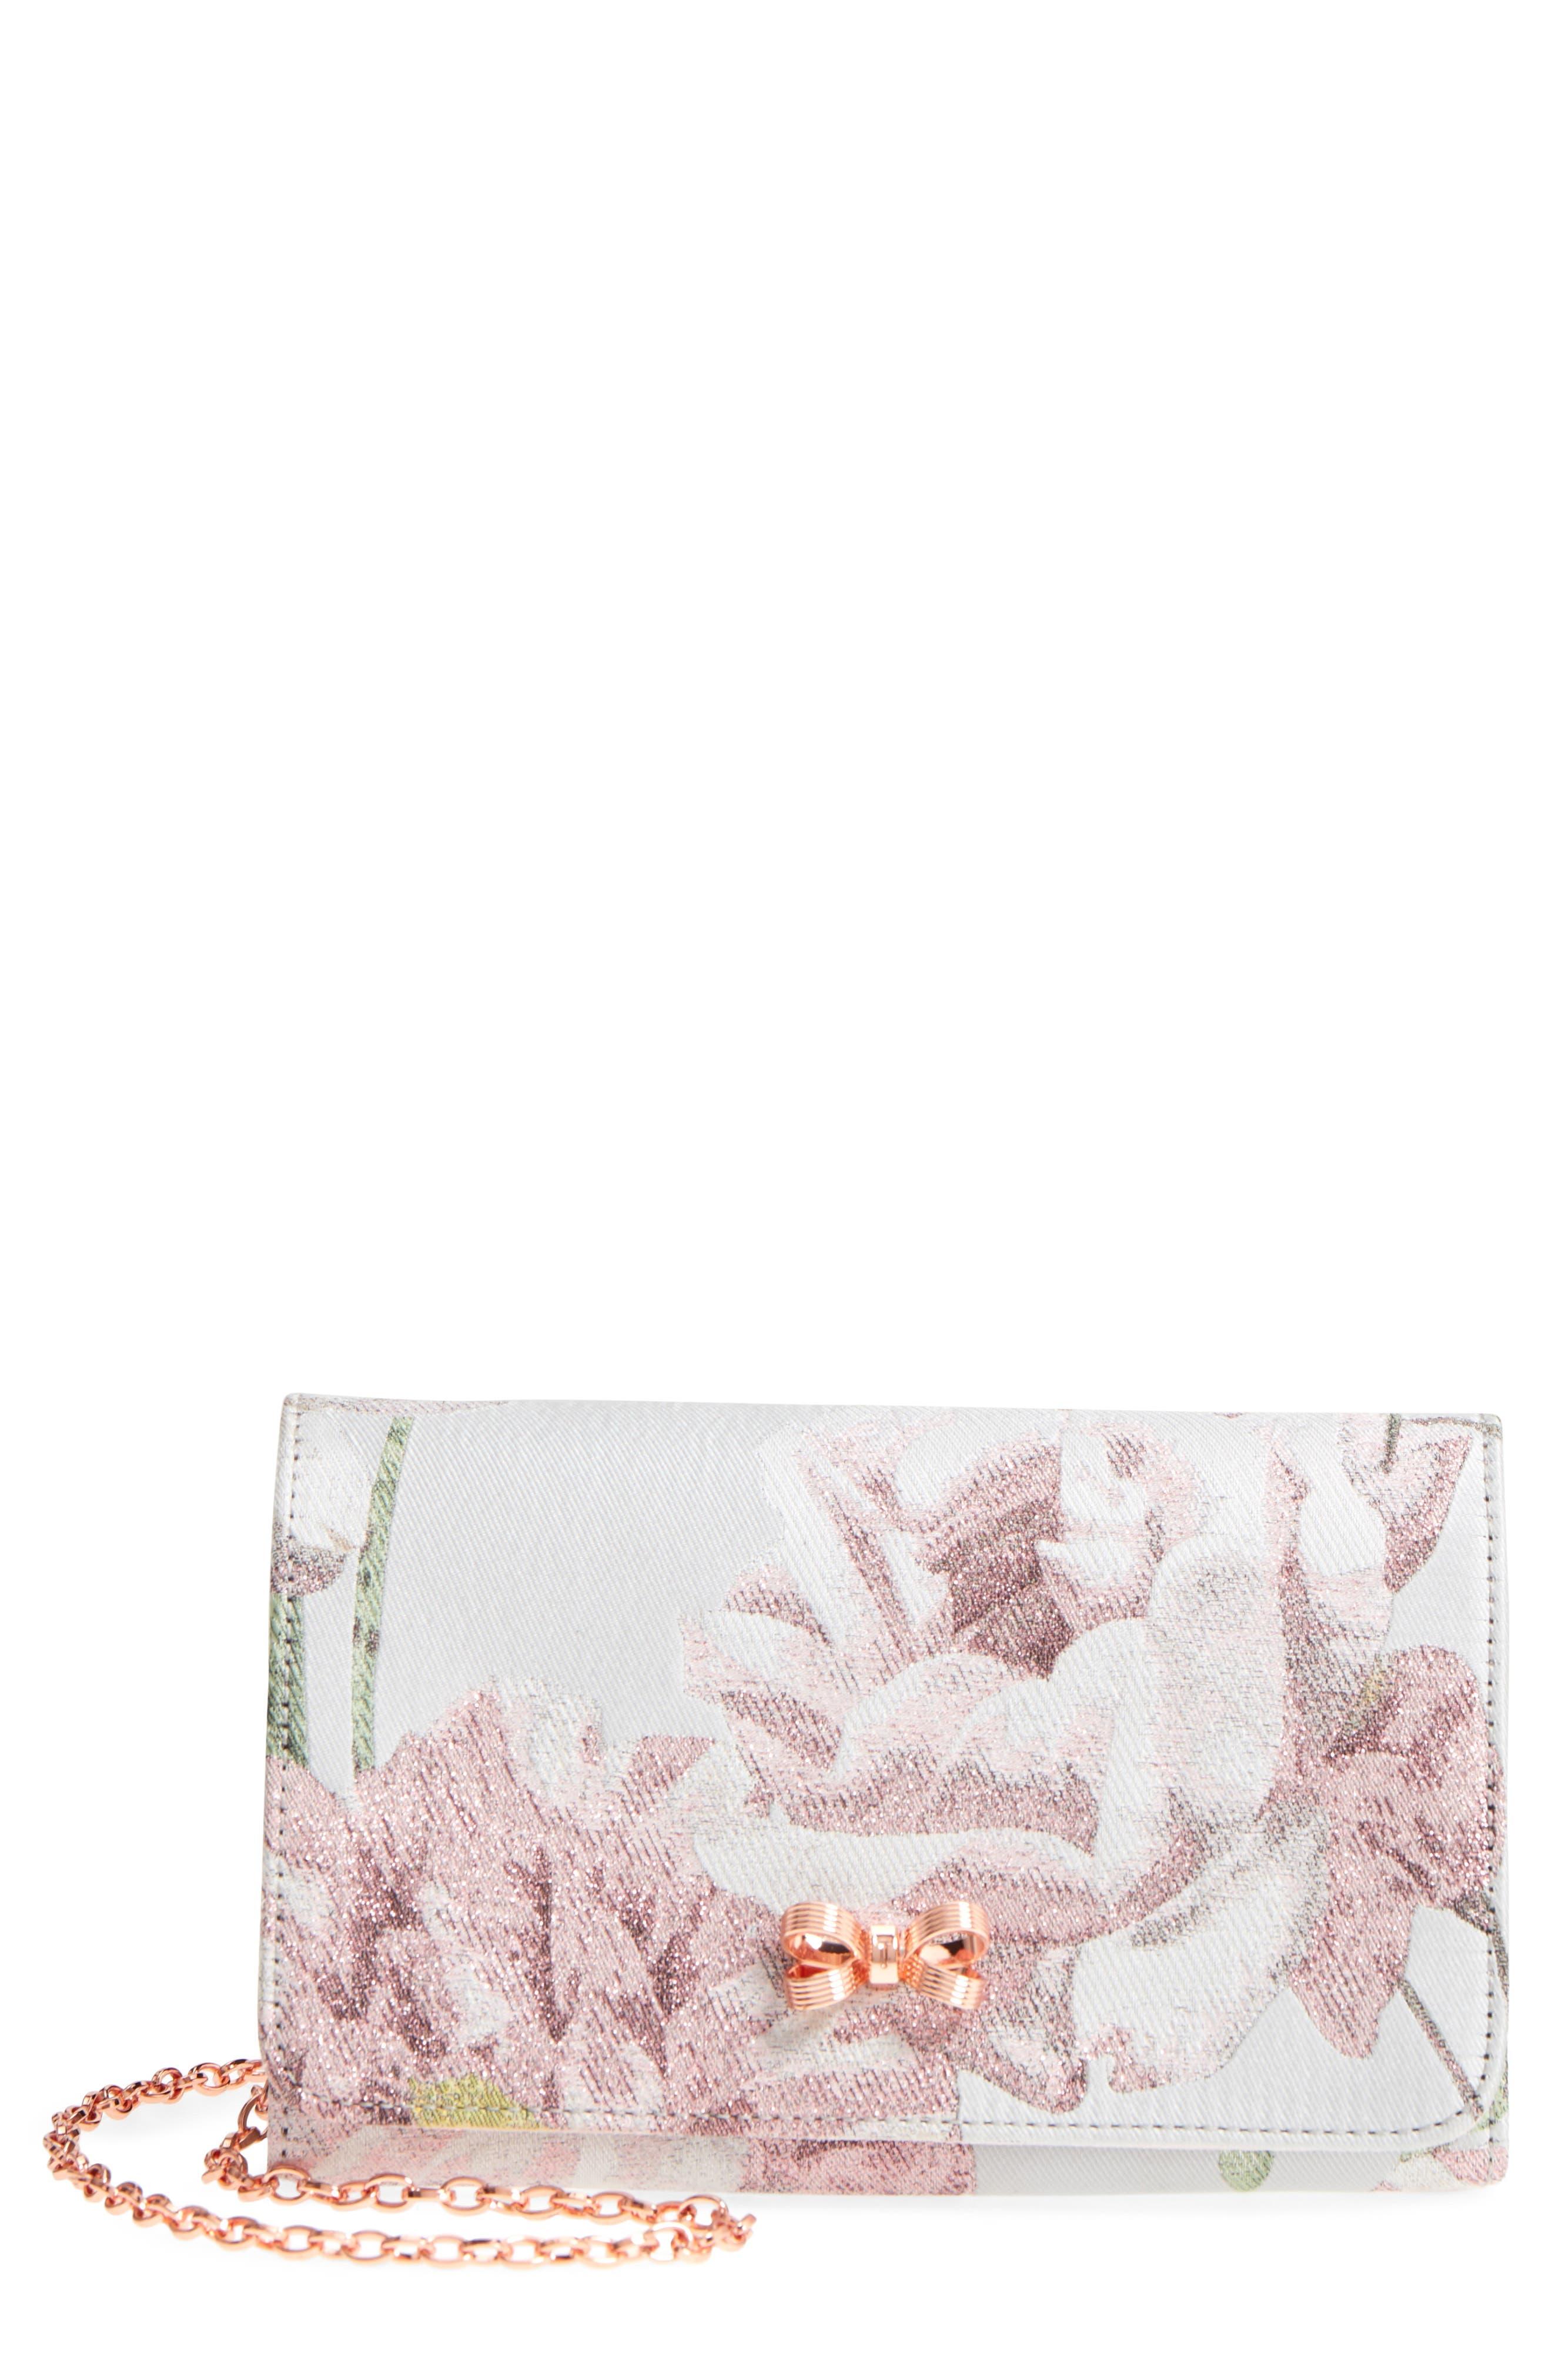 Erika - Metallic Jacquard Evening Bag,                             Main thumbnail 1, color,                             030